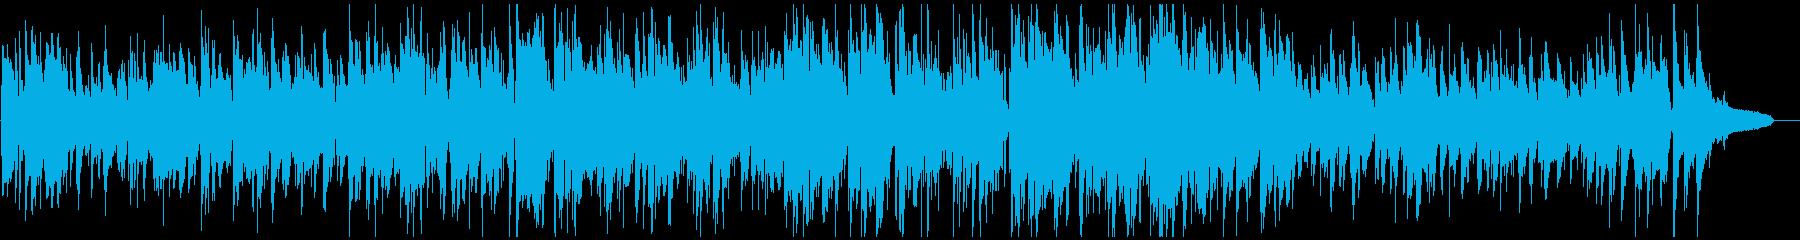 ほんわかサックスのアコースティックジャズの再生済みの波形